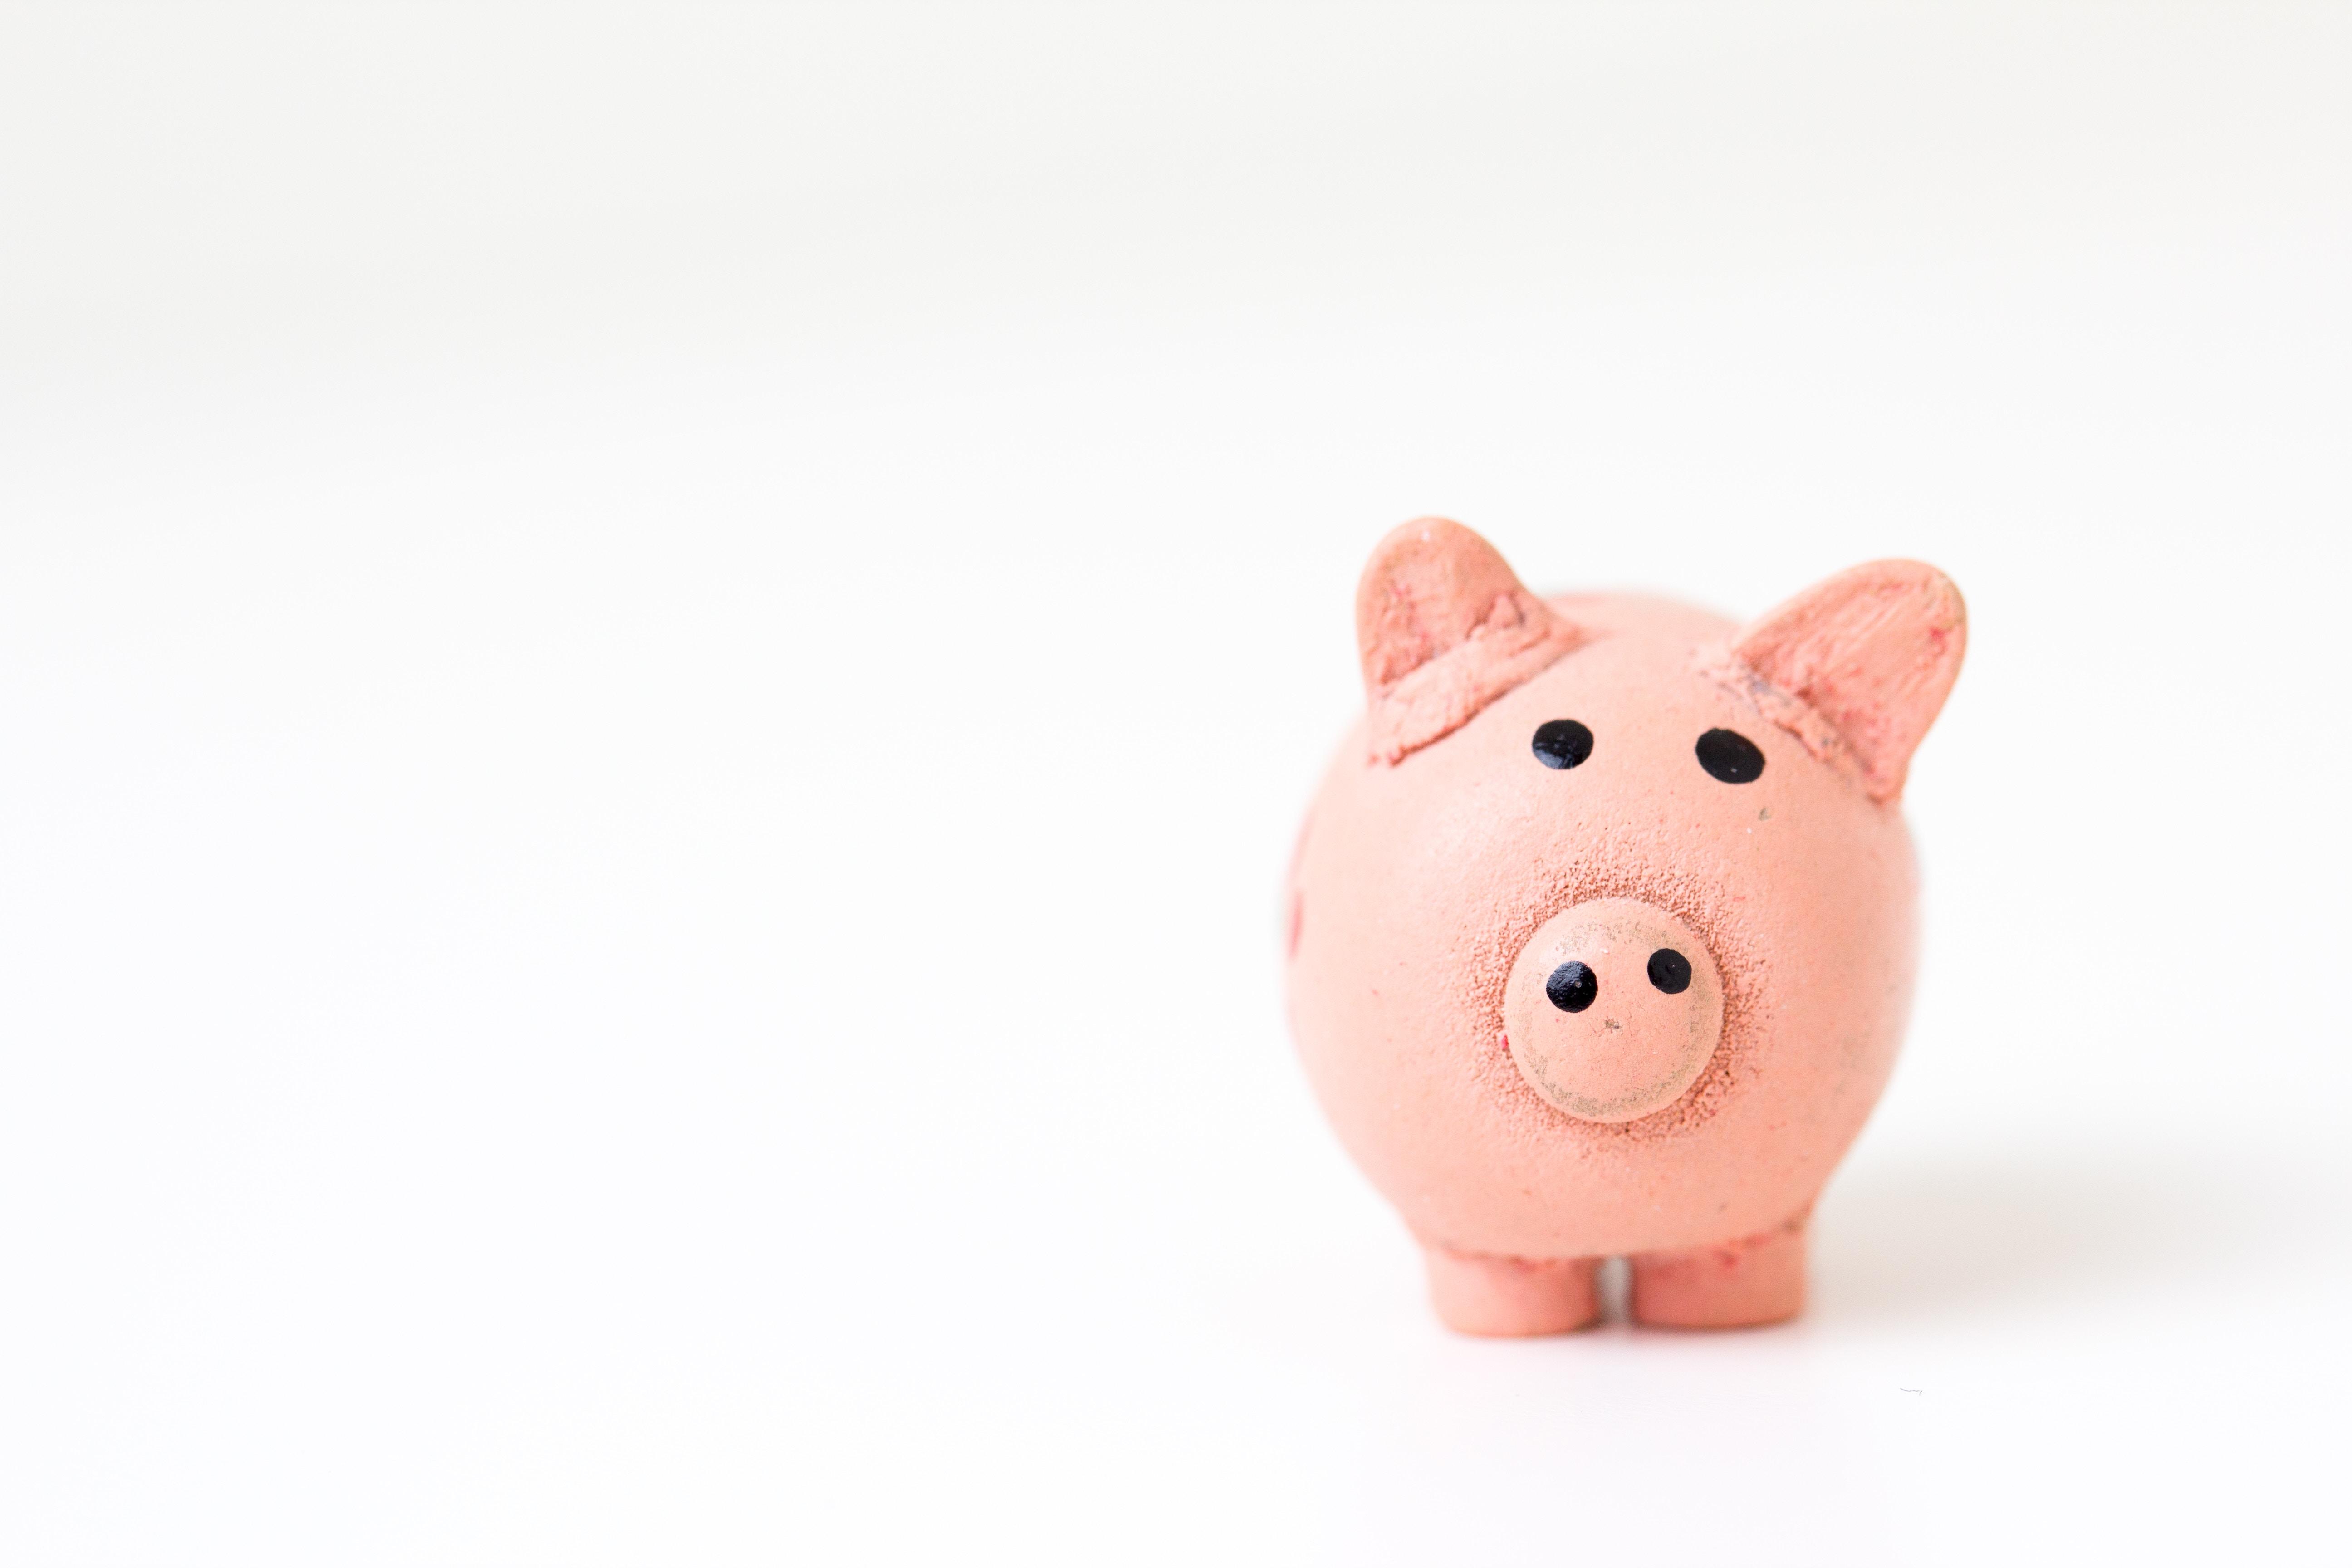 Quel investissement locatif choisir en fonction de votre budget ?